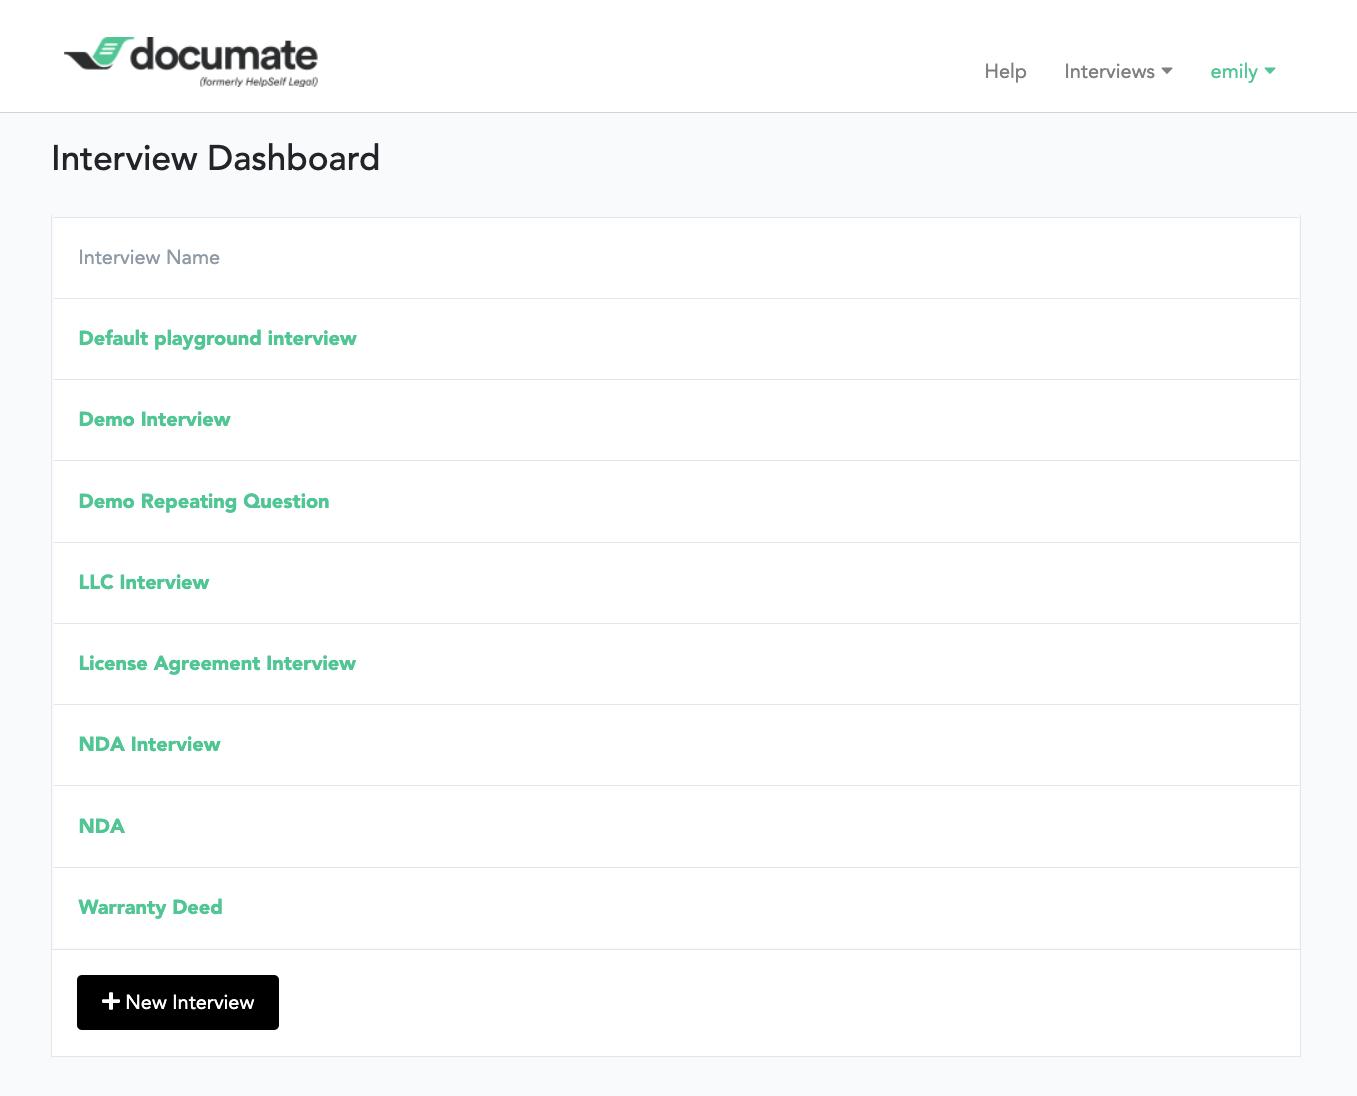 Documate dashboard